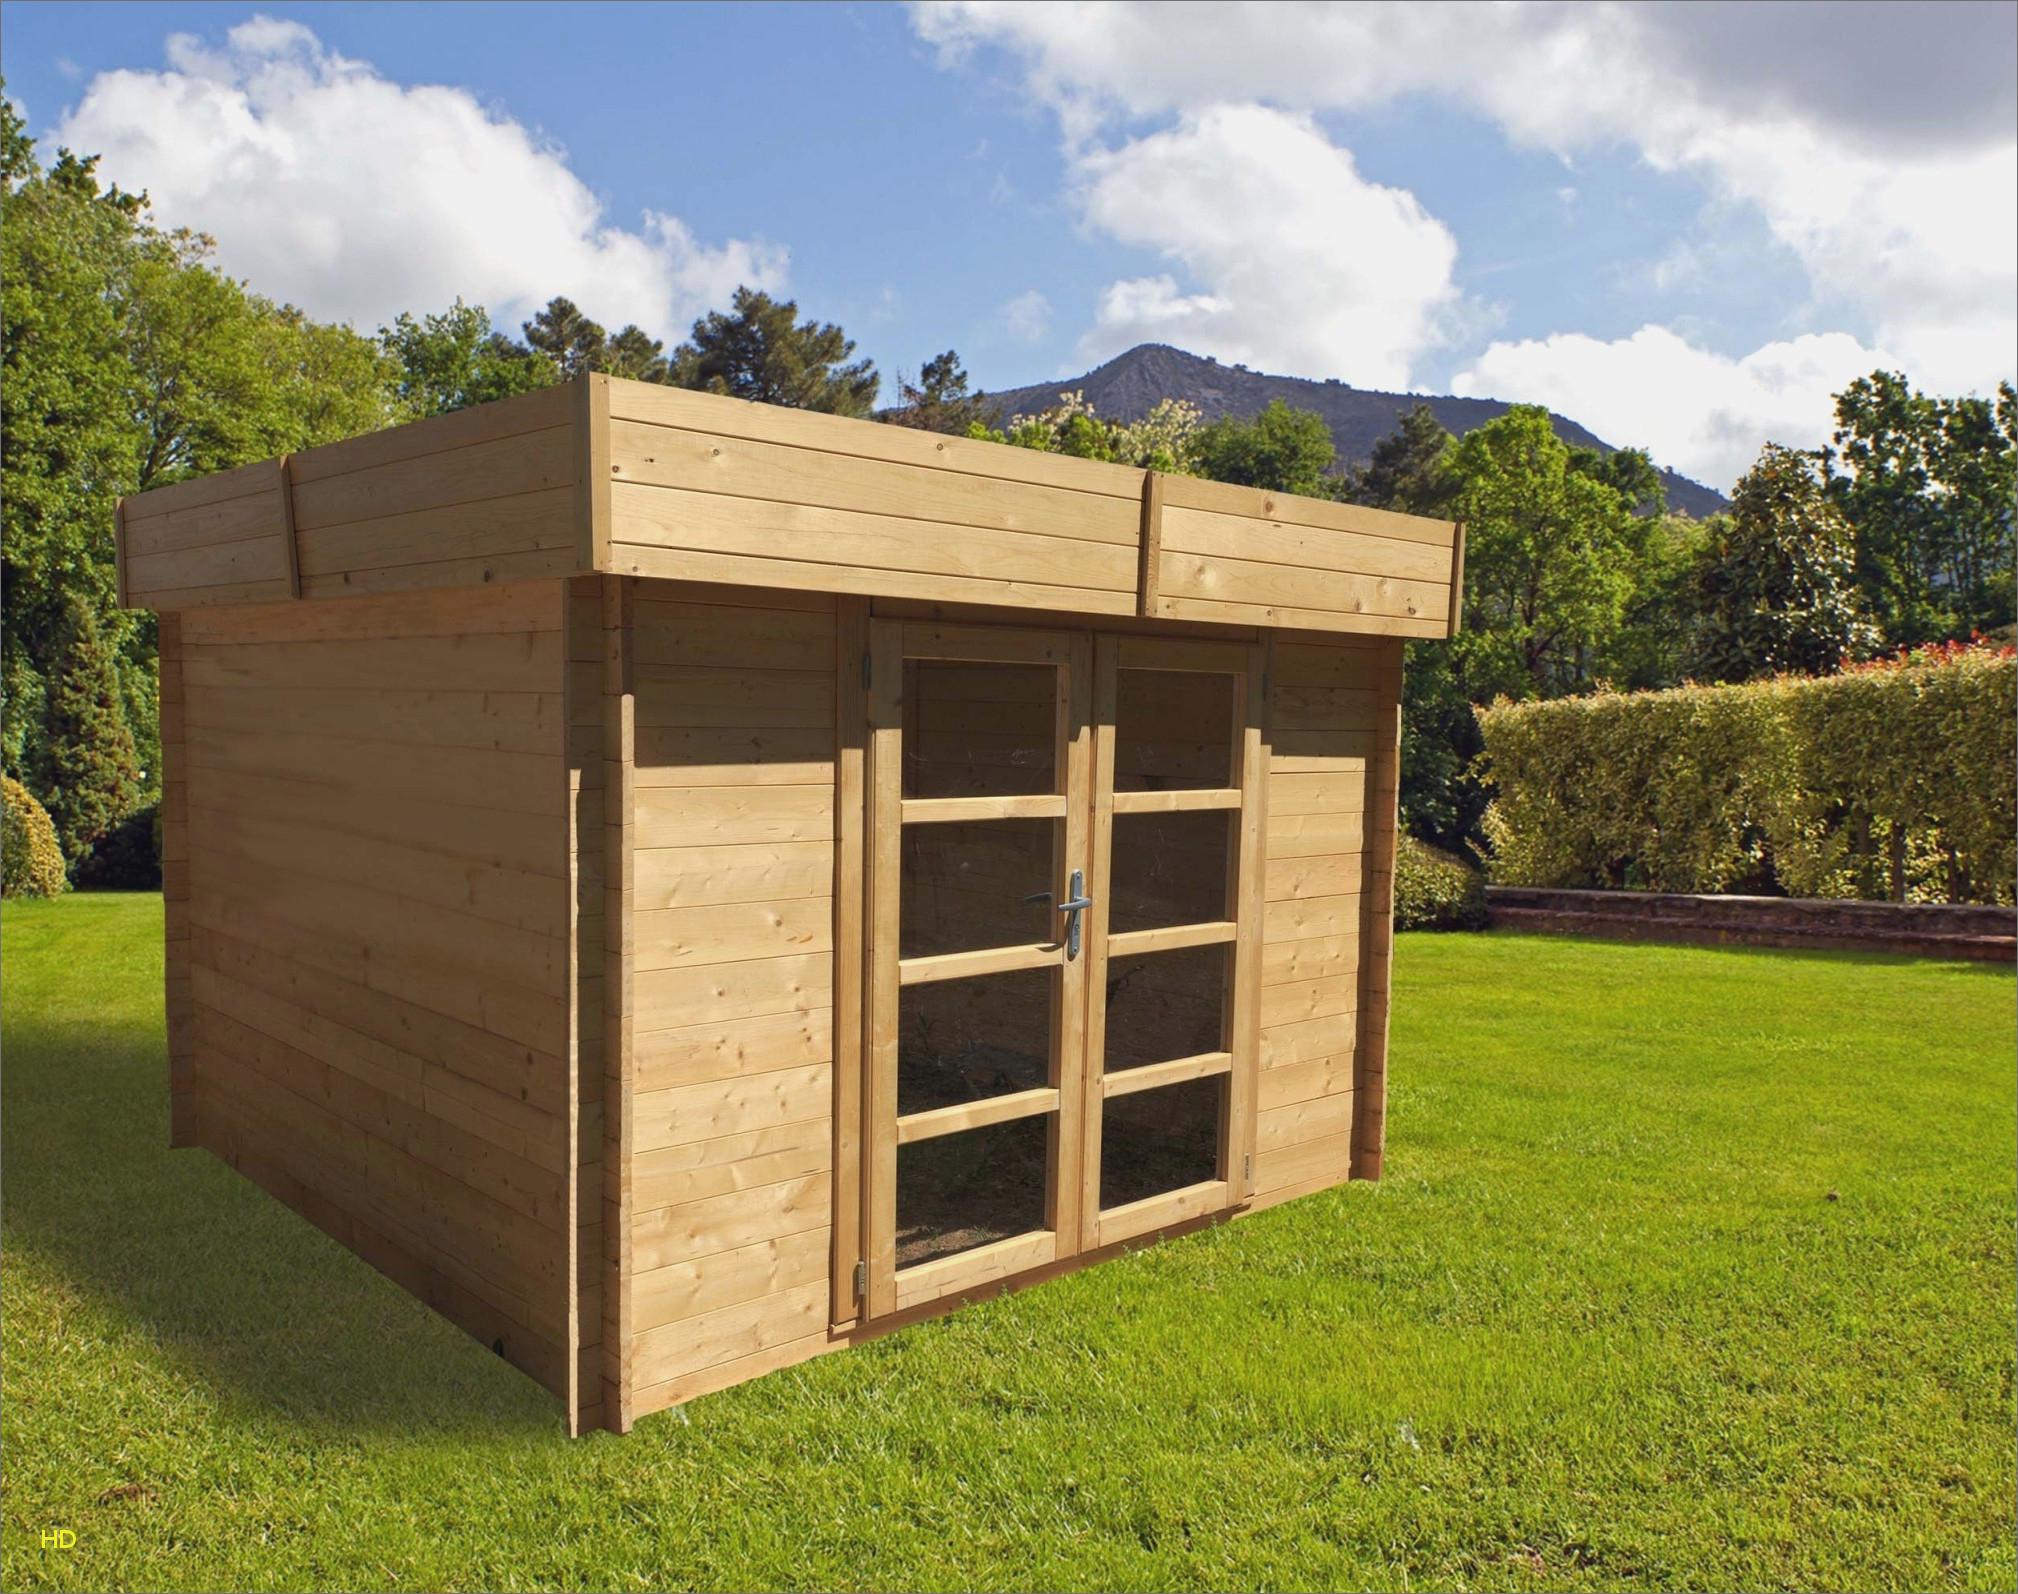 Abri Spa Exterieur Pas Cher Luxe Photos Luxe 40 De soldes Abri De Jardin Bois Concept